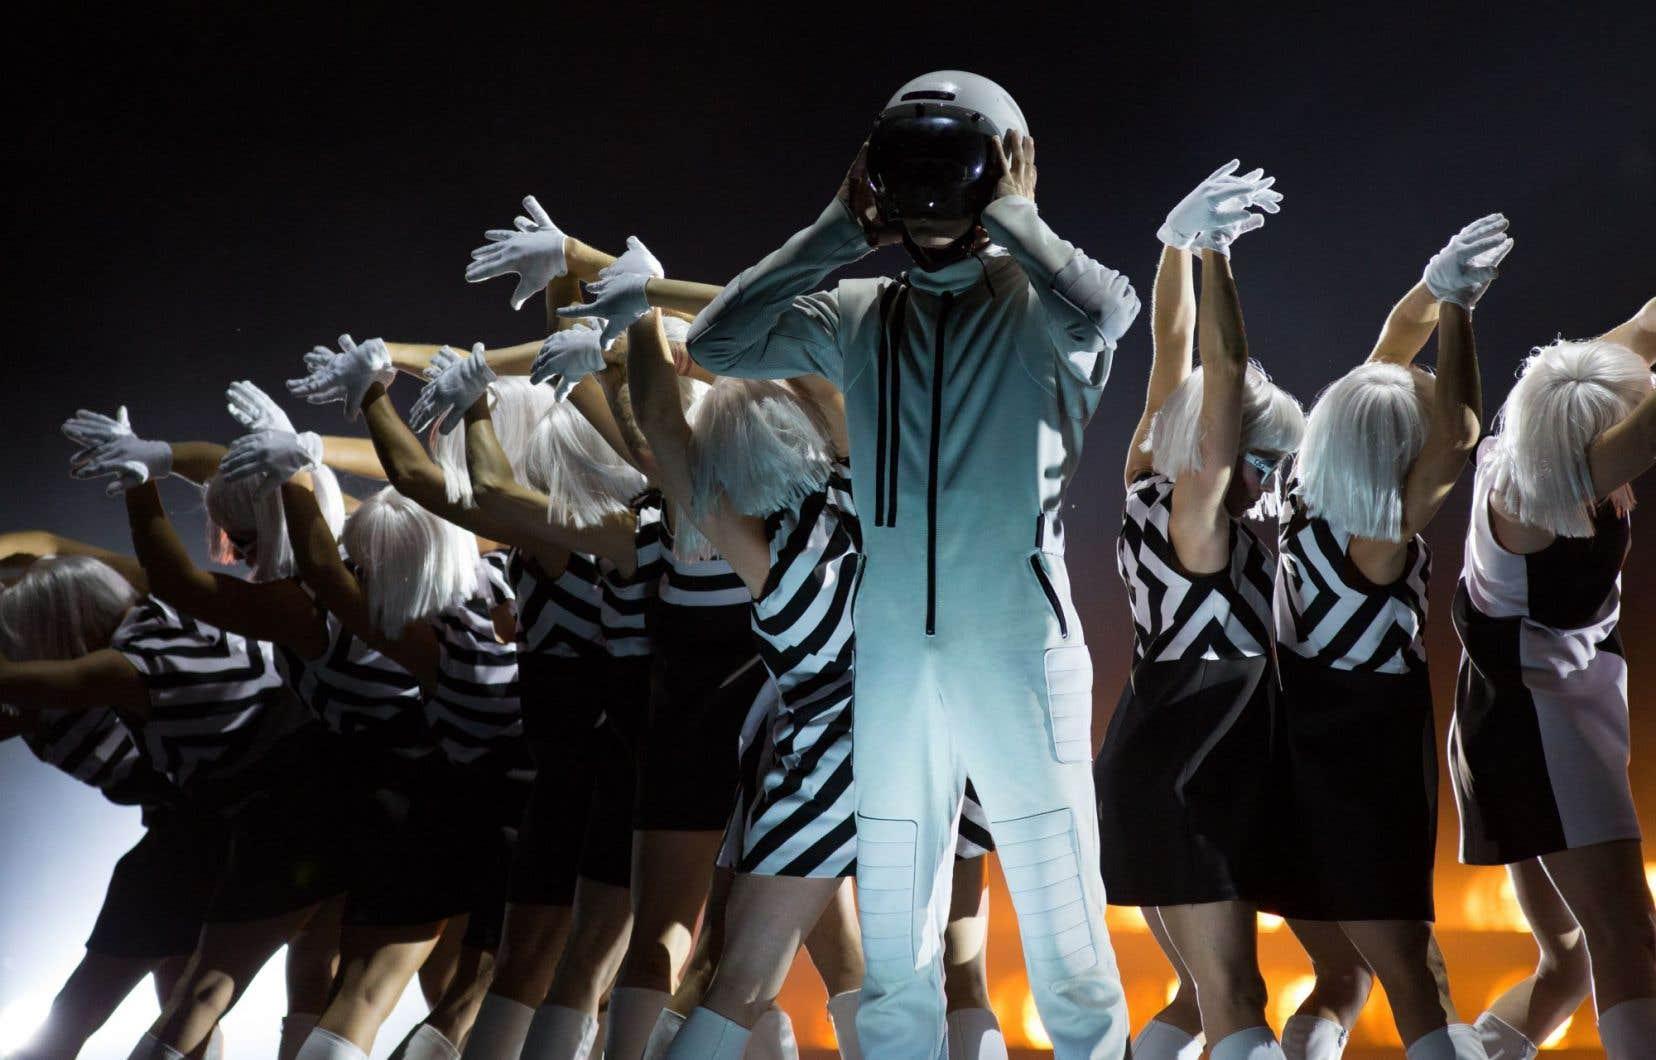 Emballé par les musiques du Charlebois, le public en oublie presque de jauger les numéros de cirque, qui sont quasiment relégués à l'arrière-plan de ce spectacle-hommage.